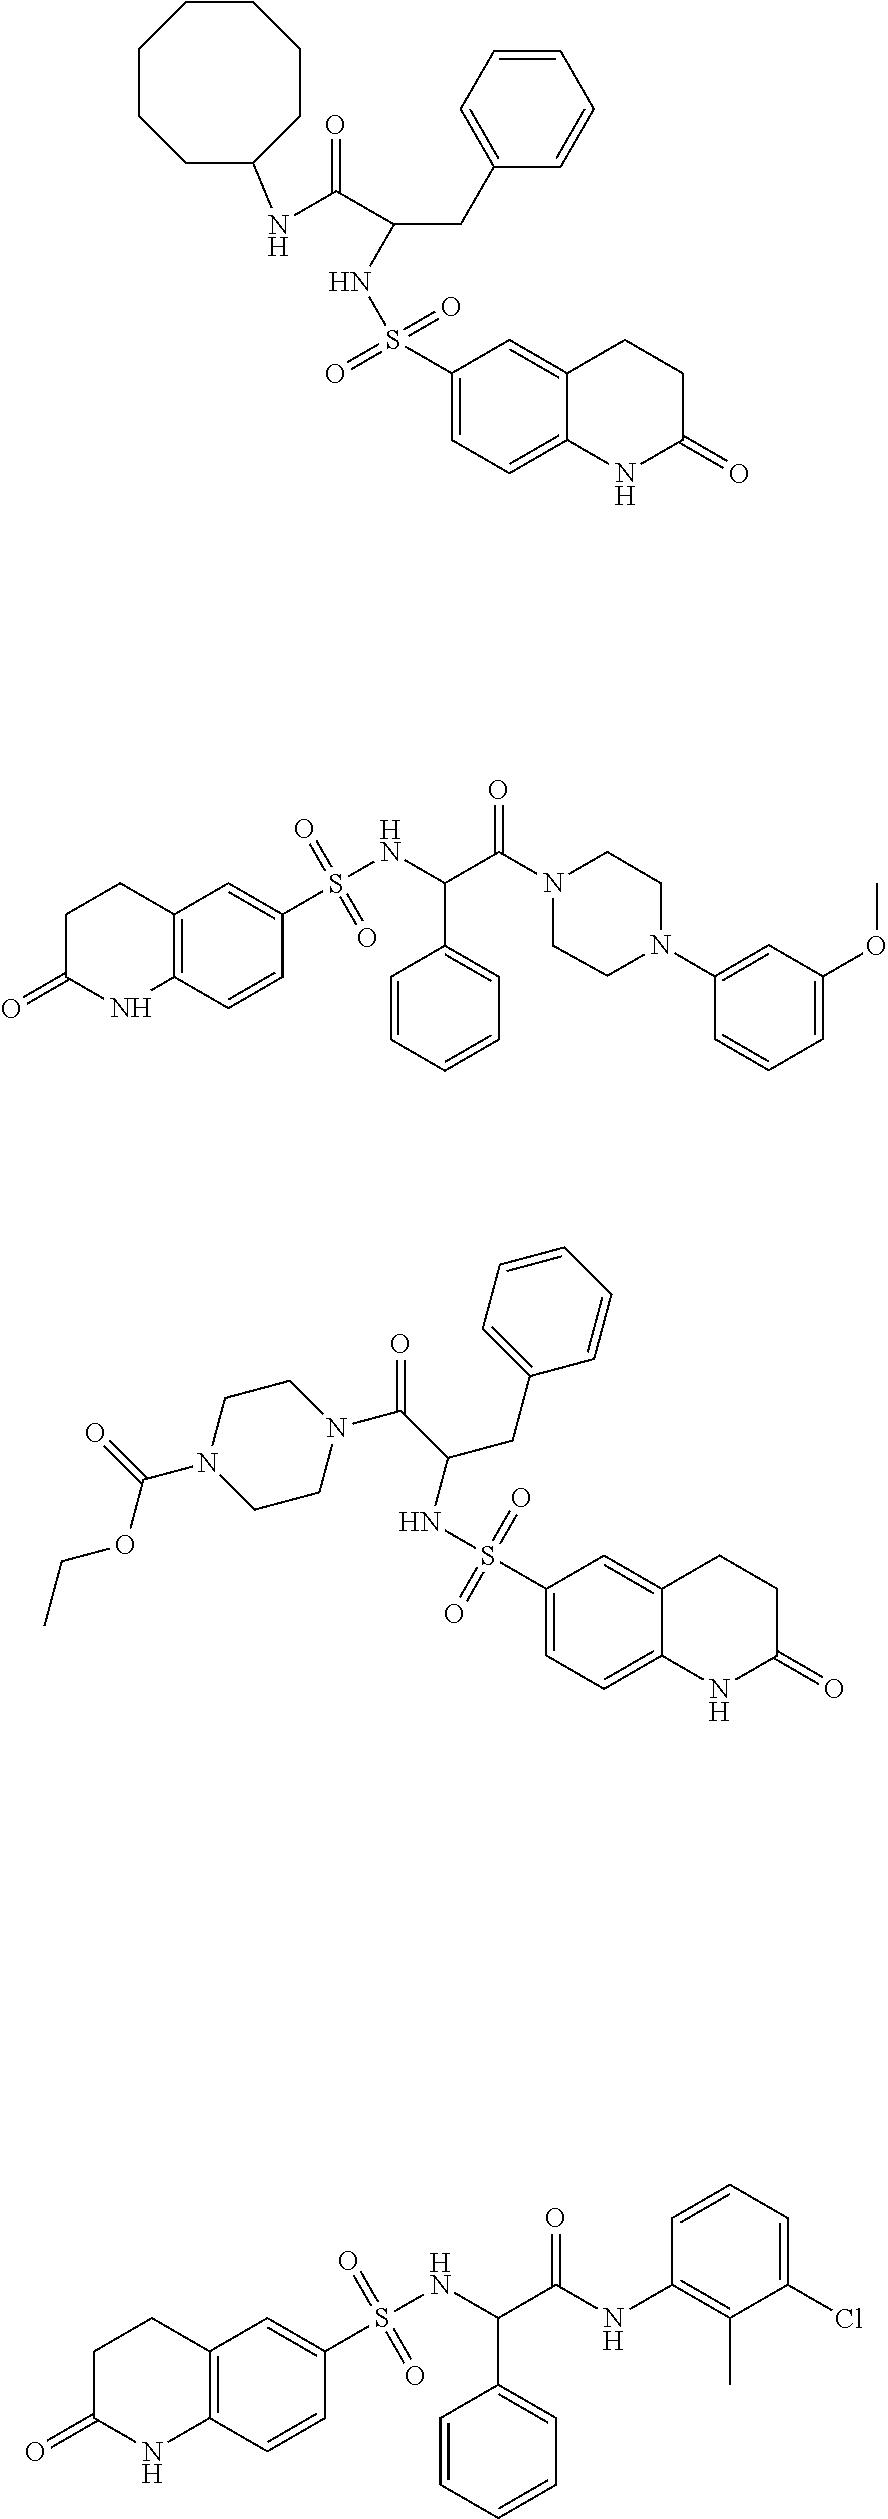 Figure US08957075-20150217-C00005